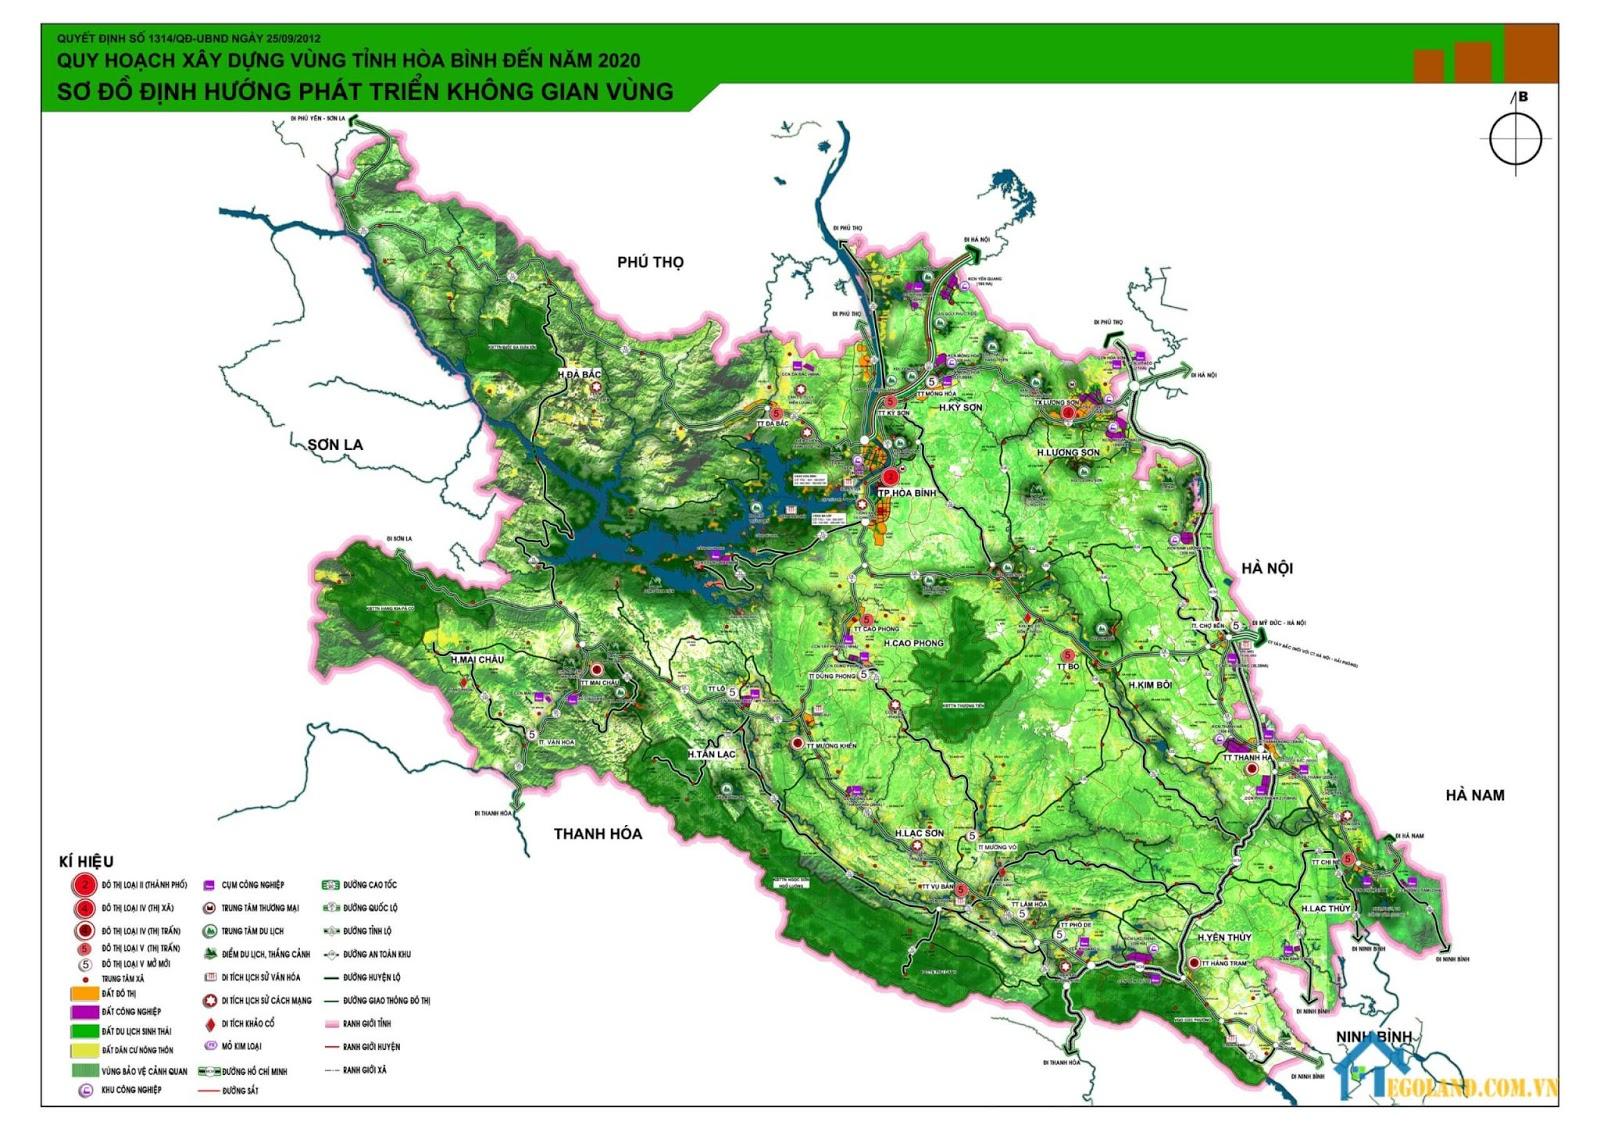 Bản đồ Thành phố Hòa Bình về quy hoạch và sử dụng đất